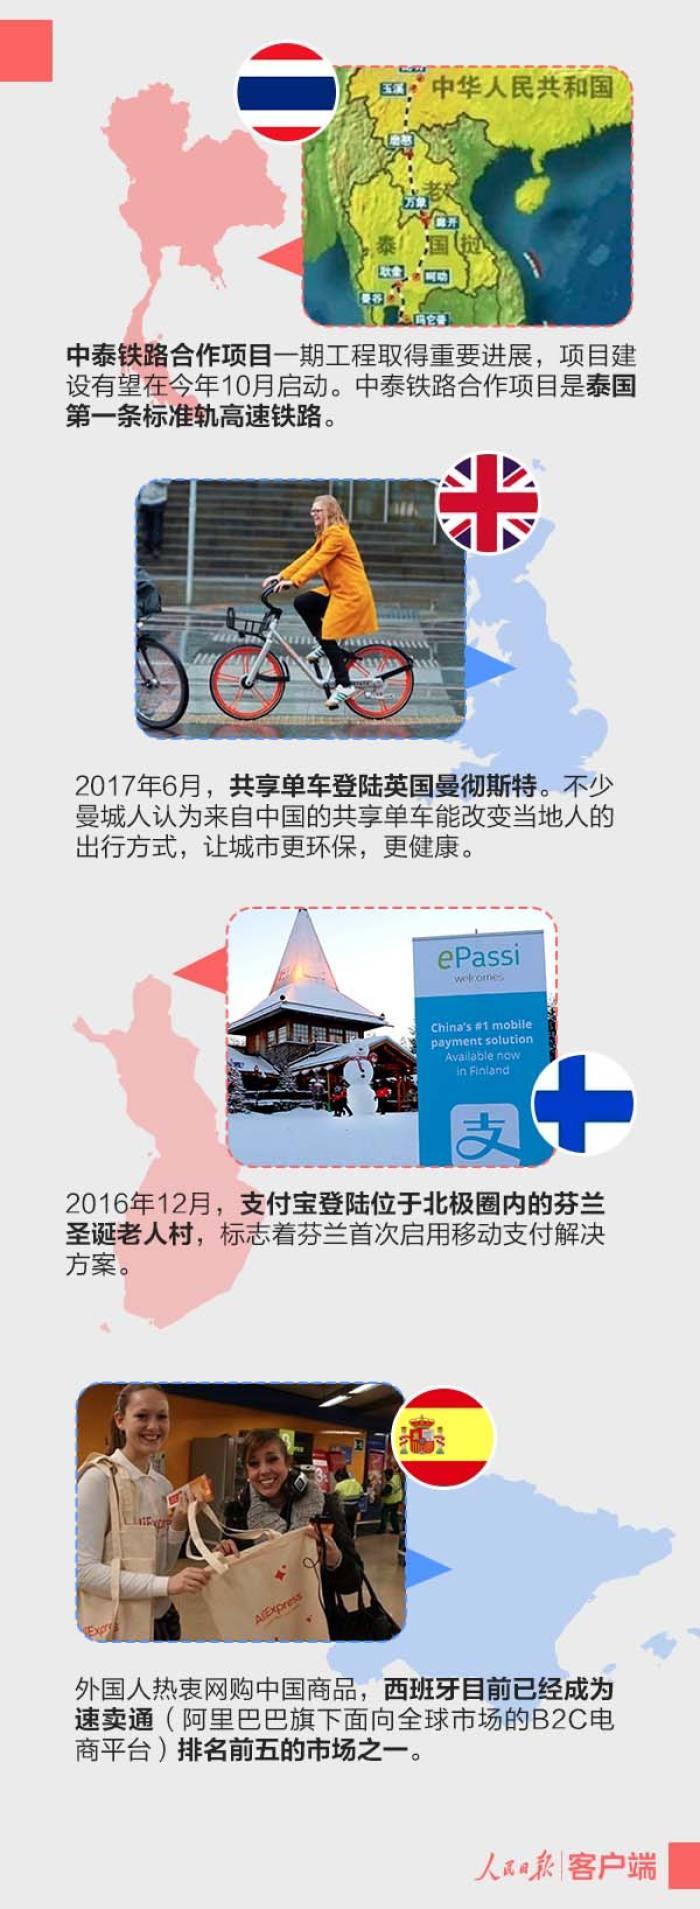 中国浪潮来了!